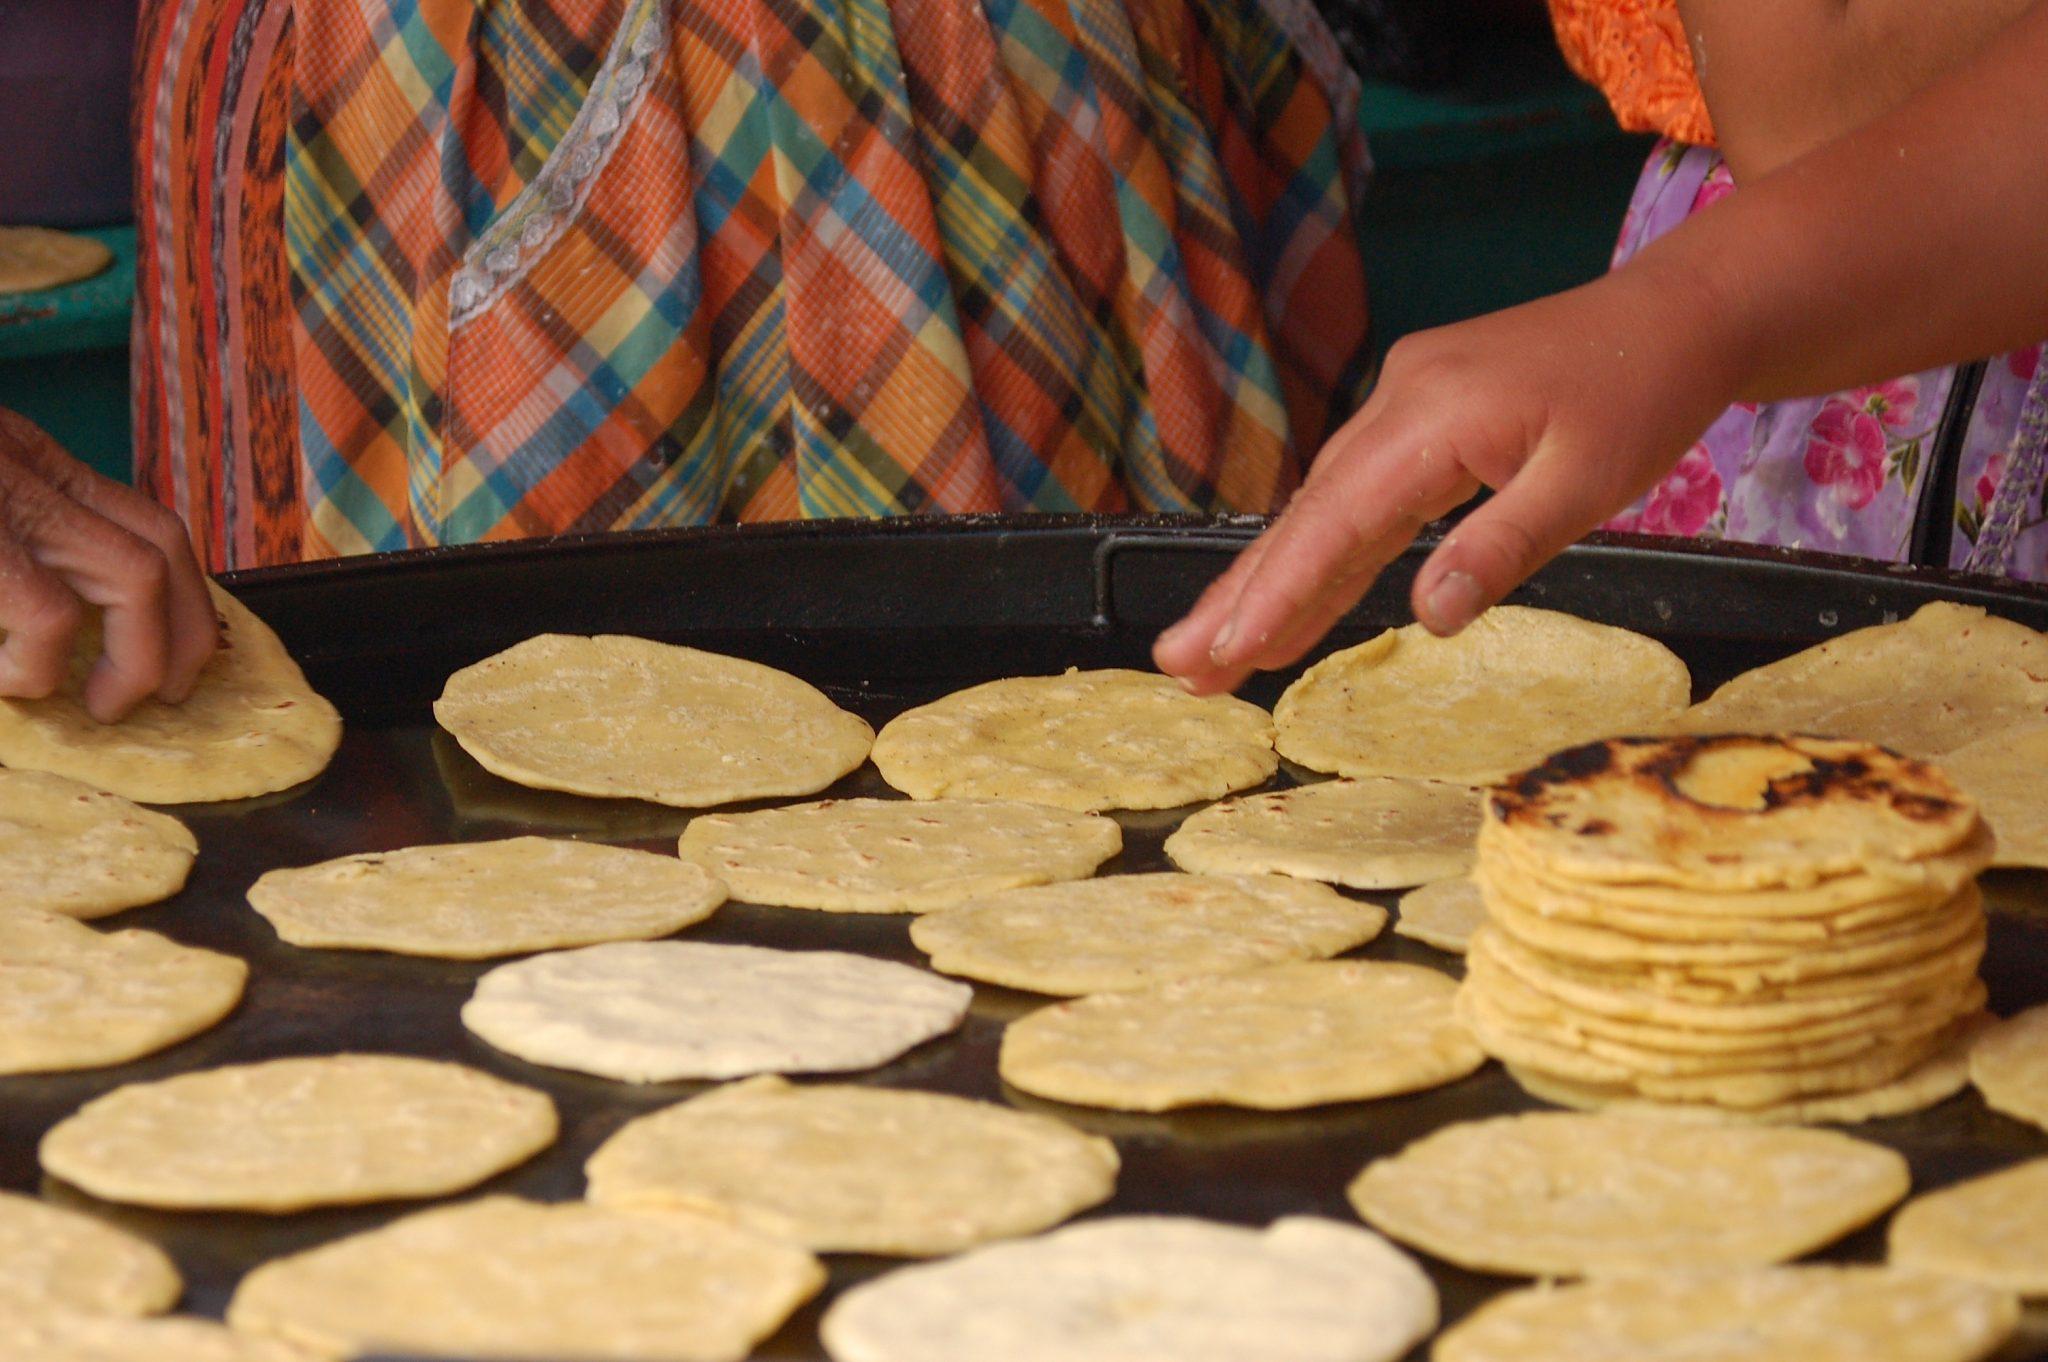 Posible aumento a la tortilla entre 1.50 y 3 pesos